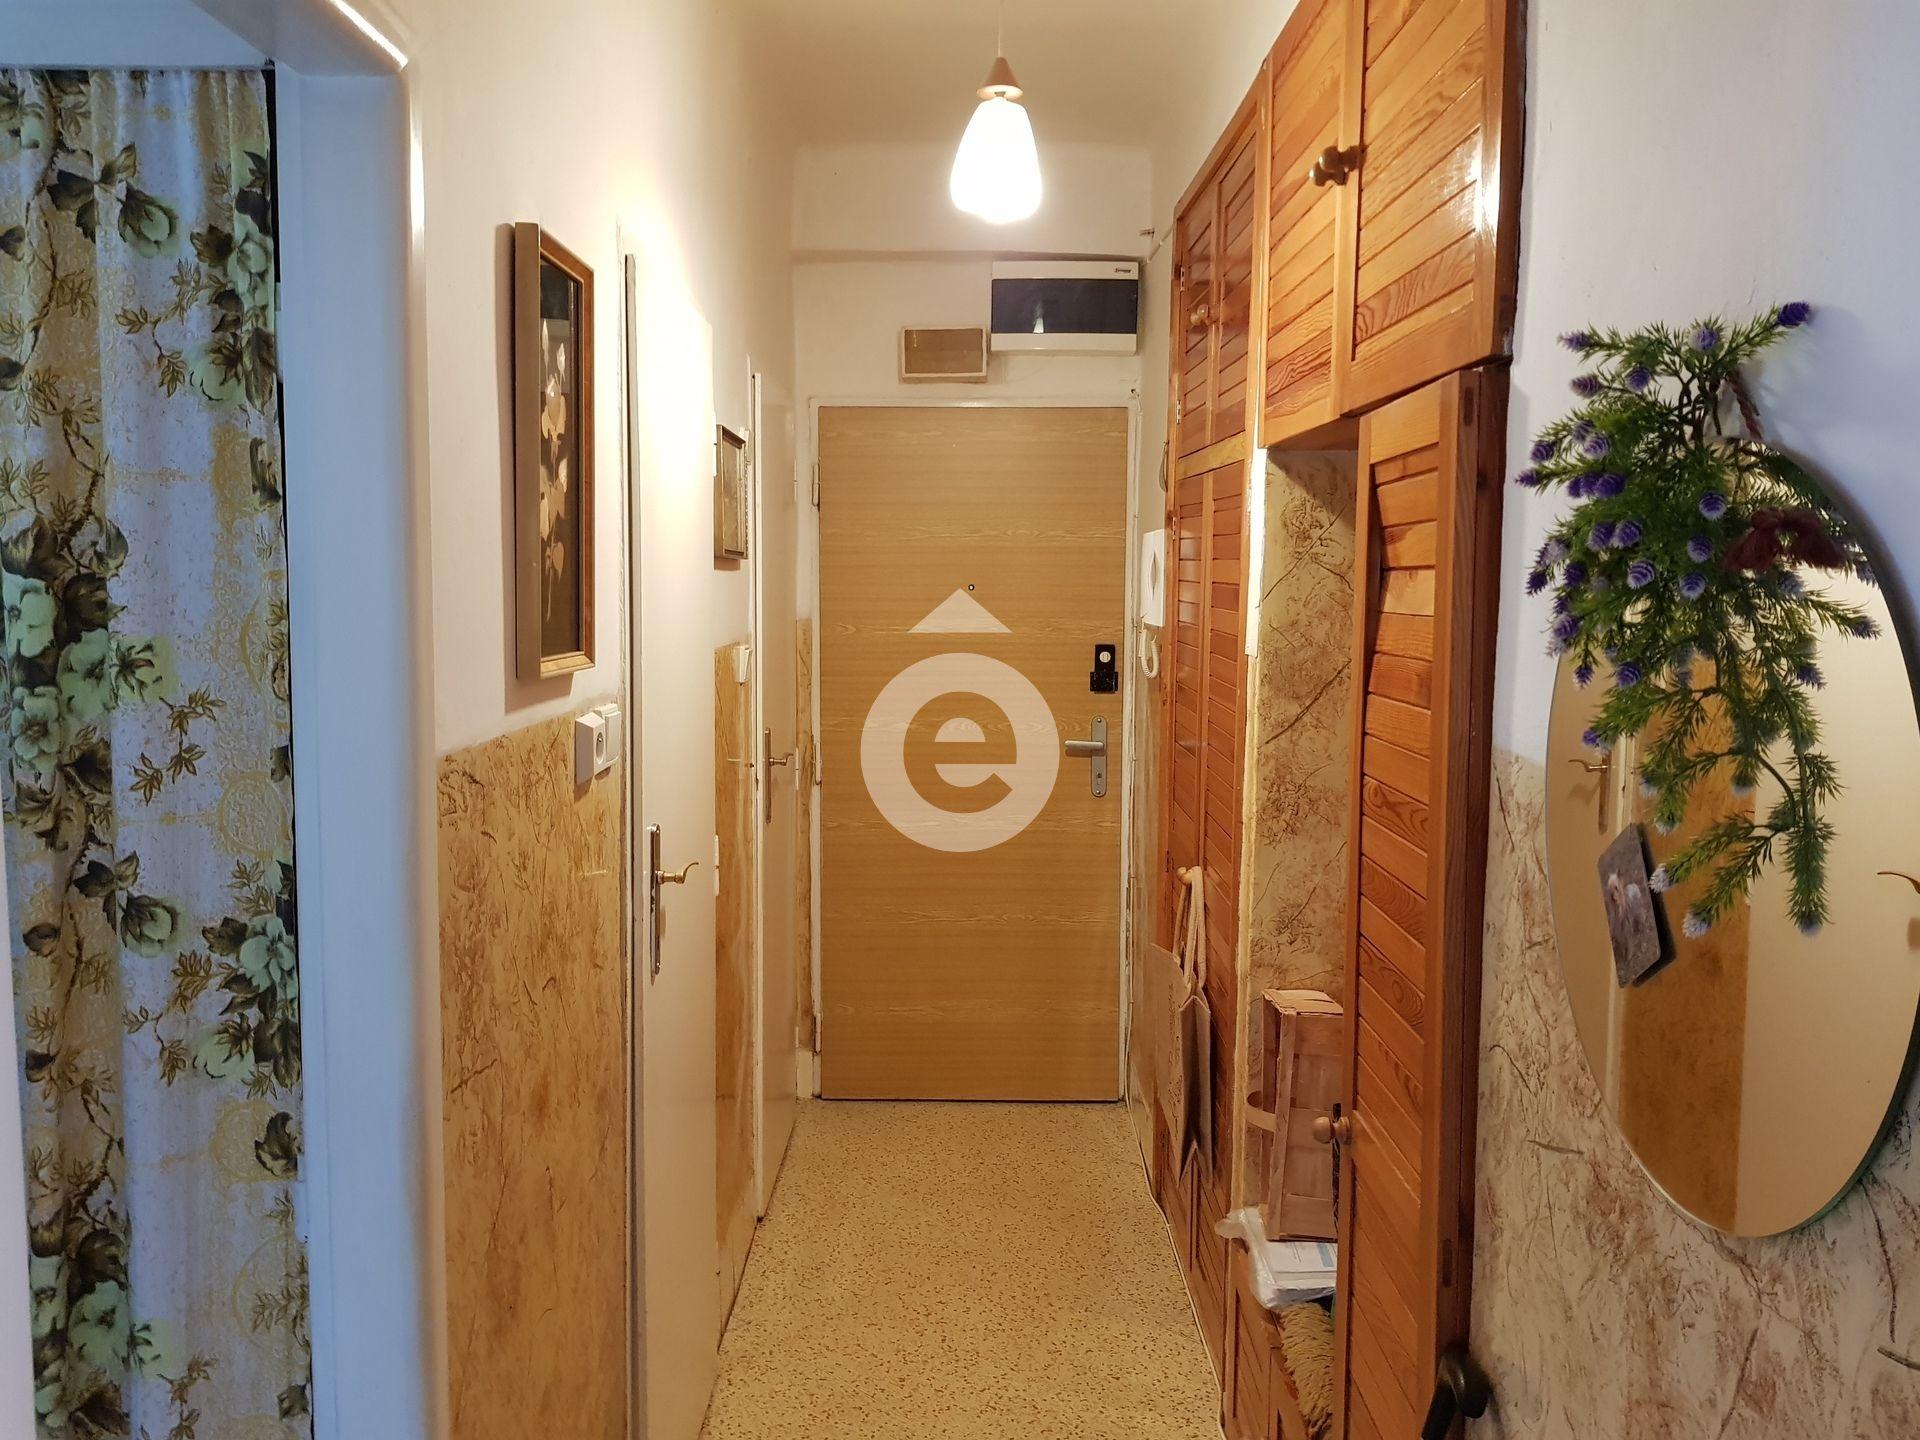 למכירה דירת 2+1 בגודל 48 מר בפראג 14 (9)